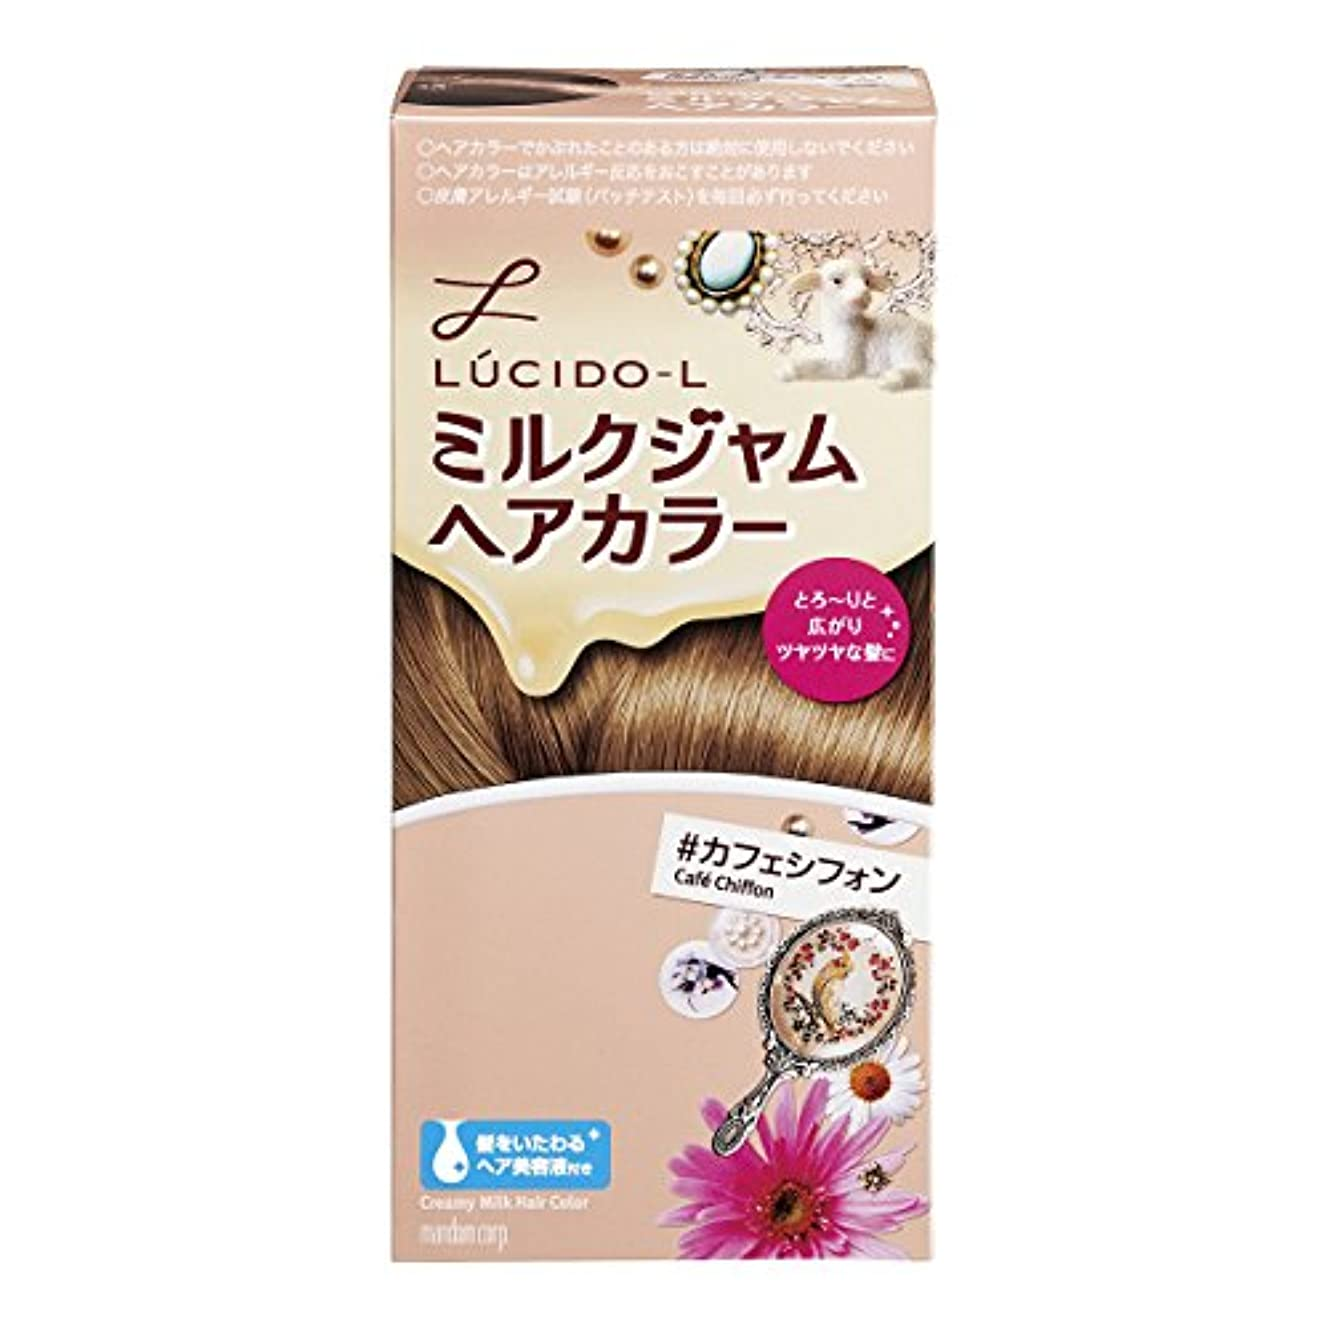 登録頂点アクセサリーLUCIDO-L (ルシードエル) ミルクジャムヘアカラー #カフェシフォン(医薬部外品) (1剤40g 2剤80mL TR5g)